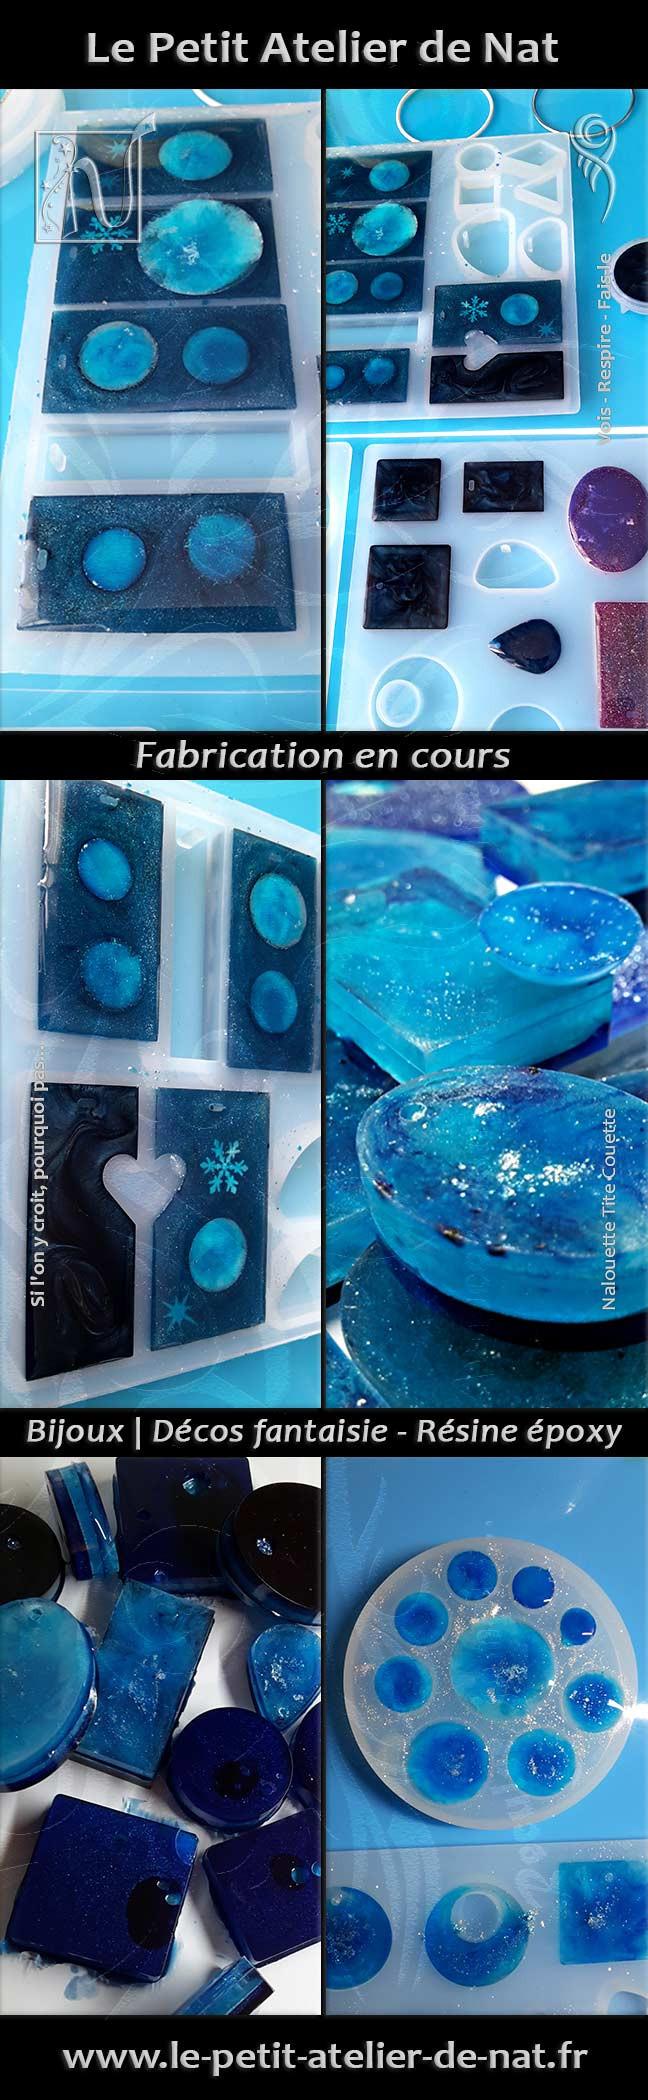 Fabrication d'éléments de bijoux et de décorations en résine époxy